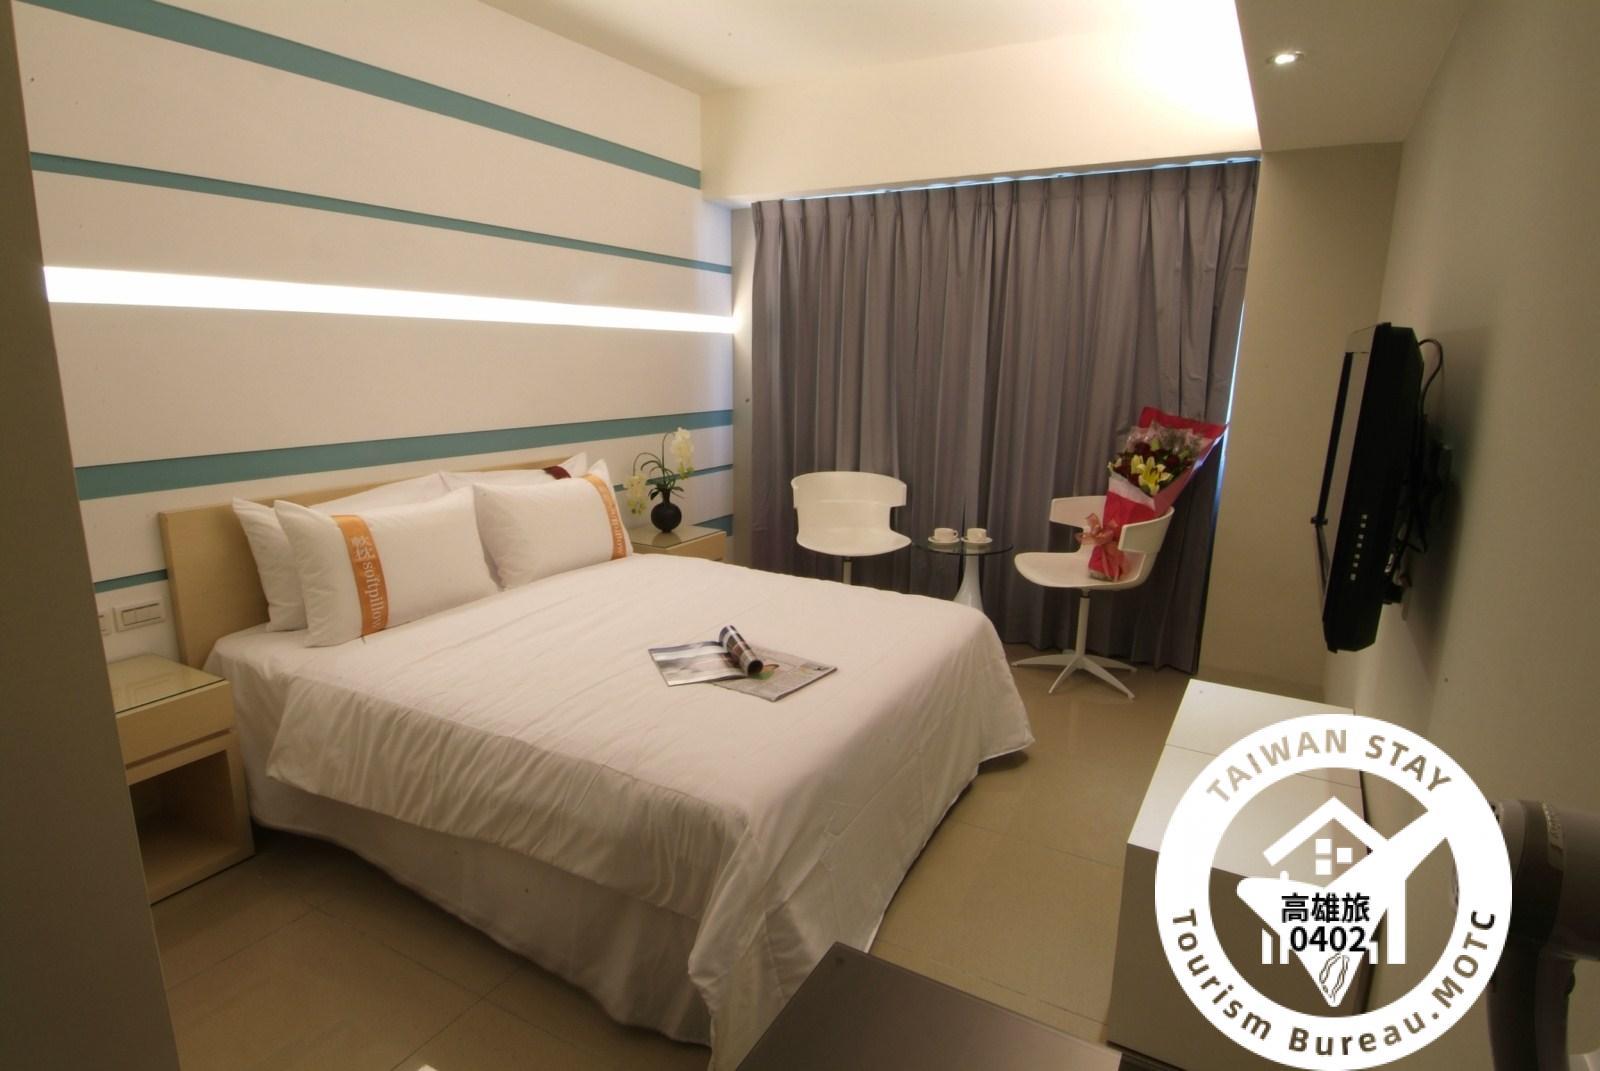 標準雙人房 (一大床)照片_1